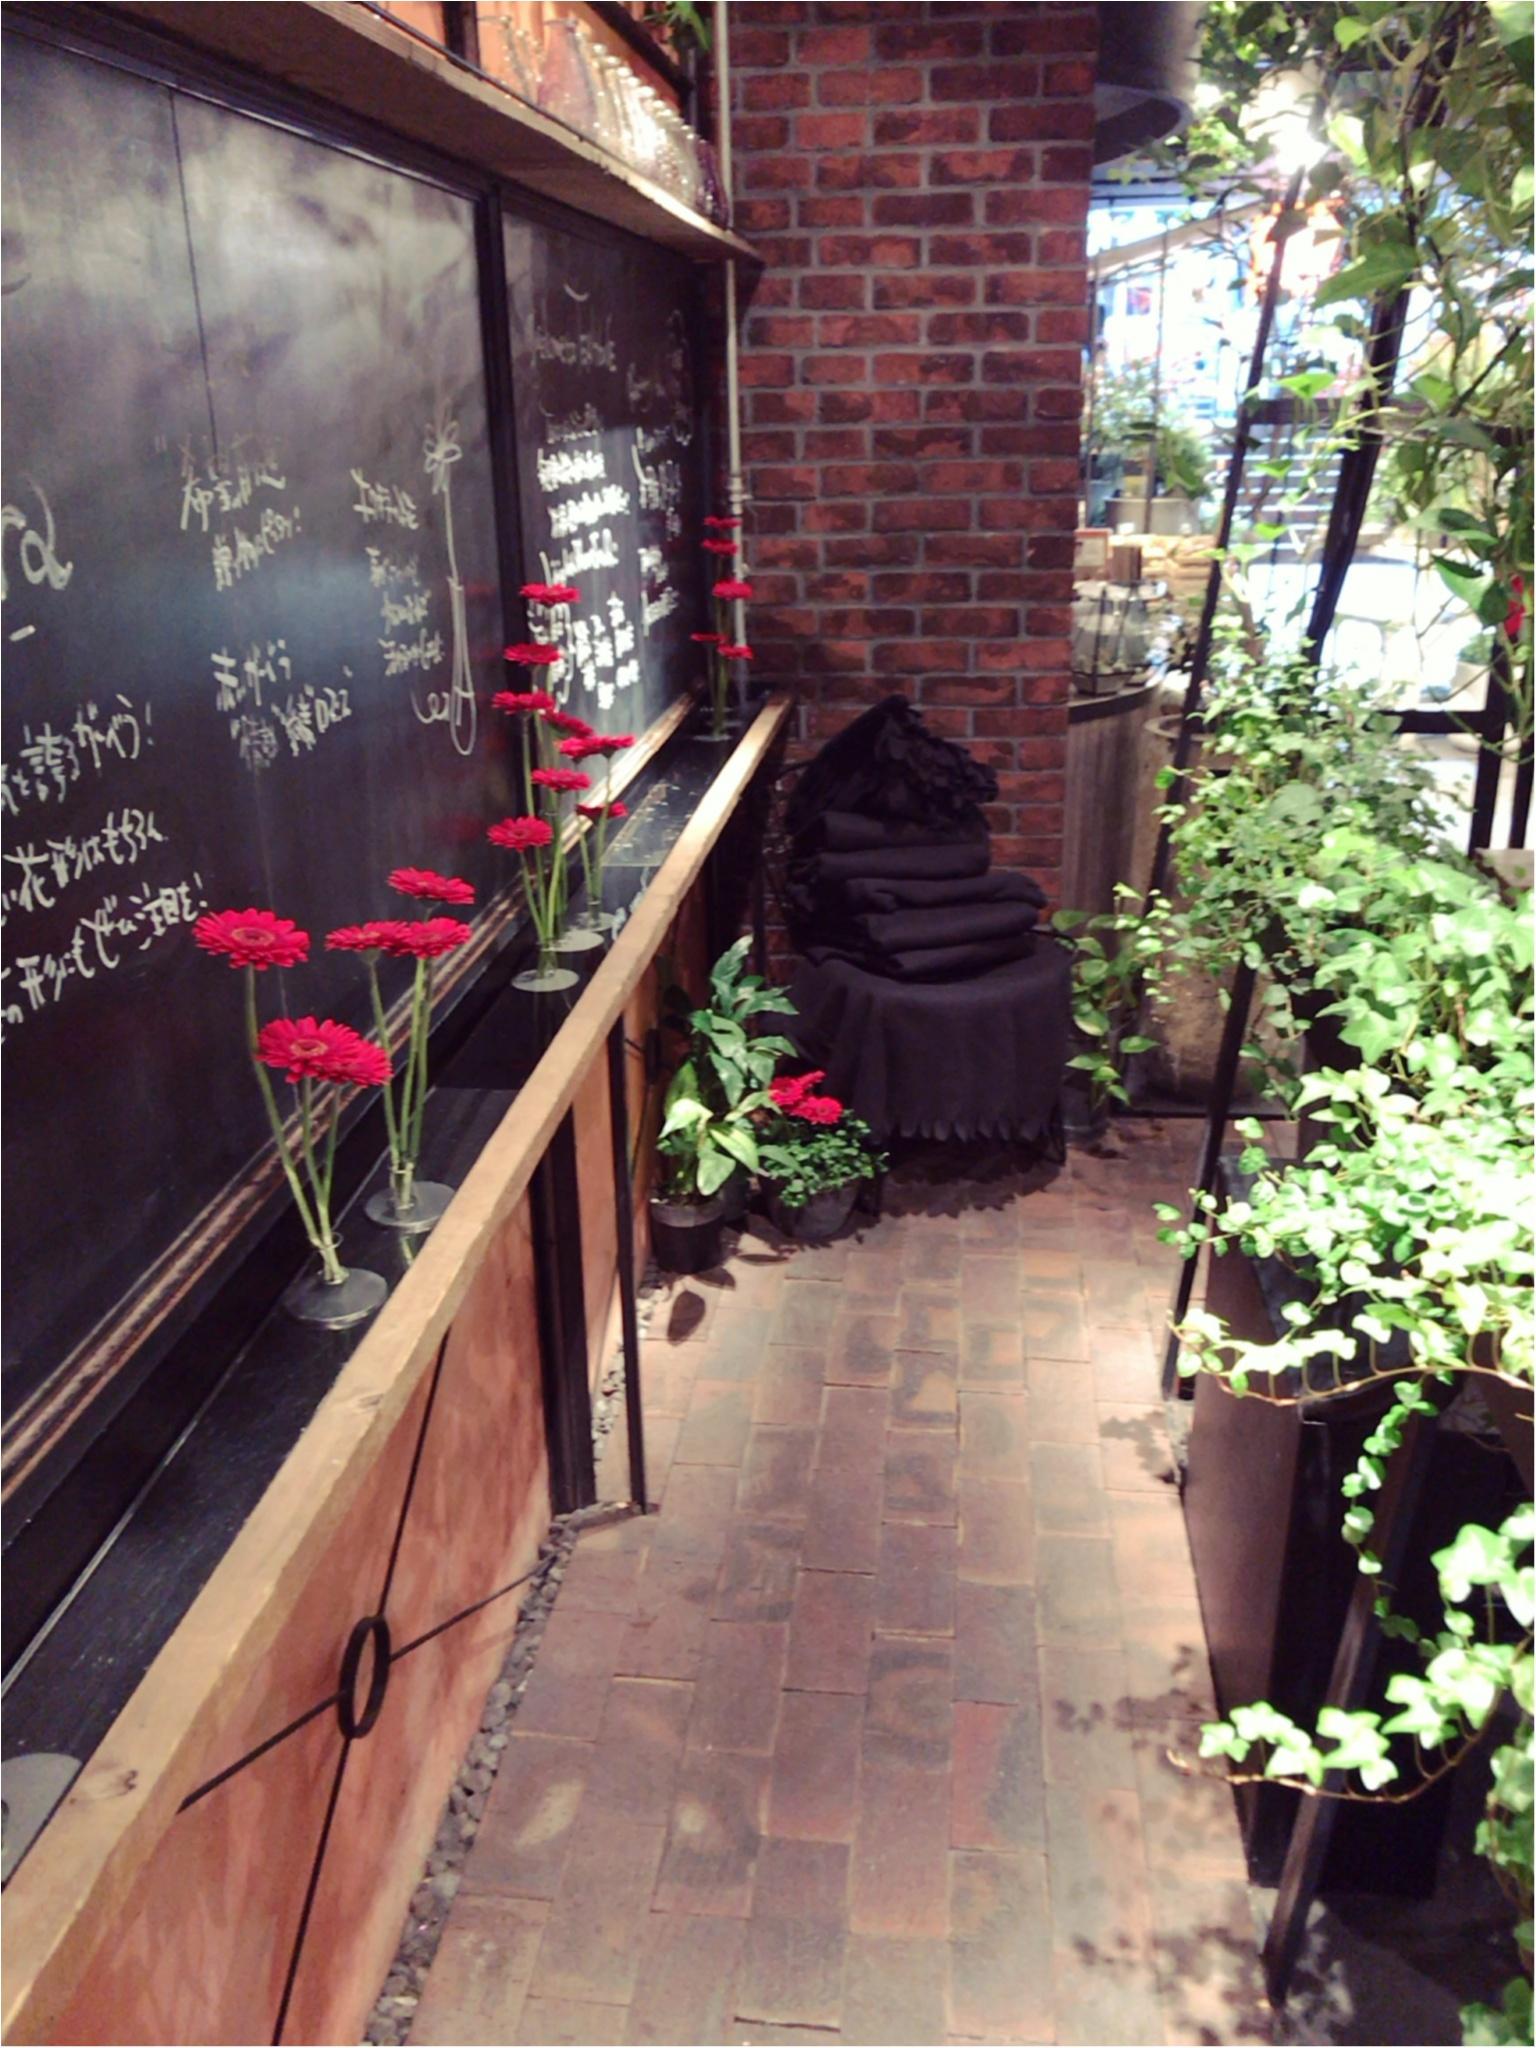 【FOOD】~Aoyama Flower Market~お花に囲まれて食べるご飯は格別♡季節ごとに何回でも行きたくなる素敵なカフェ♡今のお花は?_3